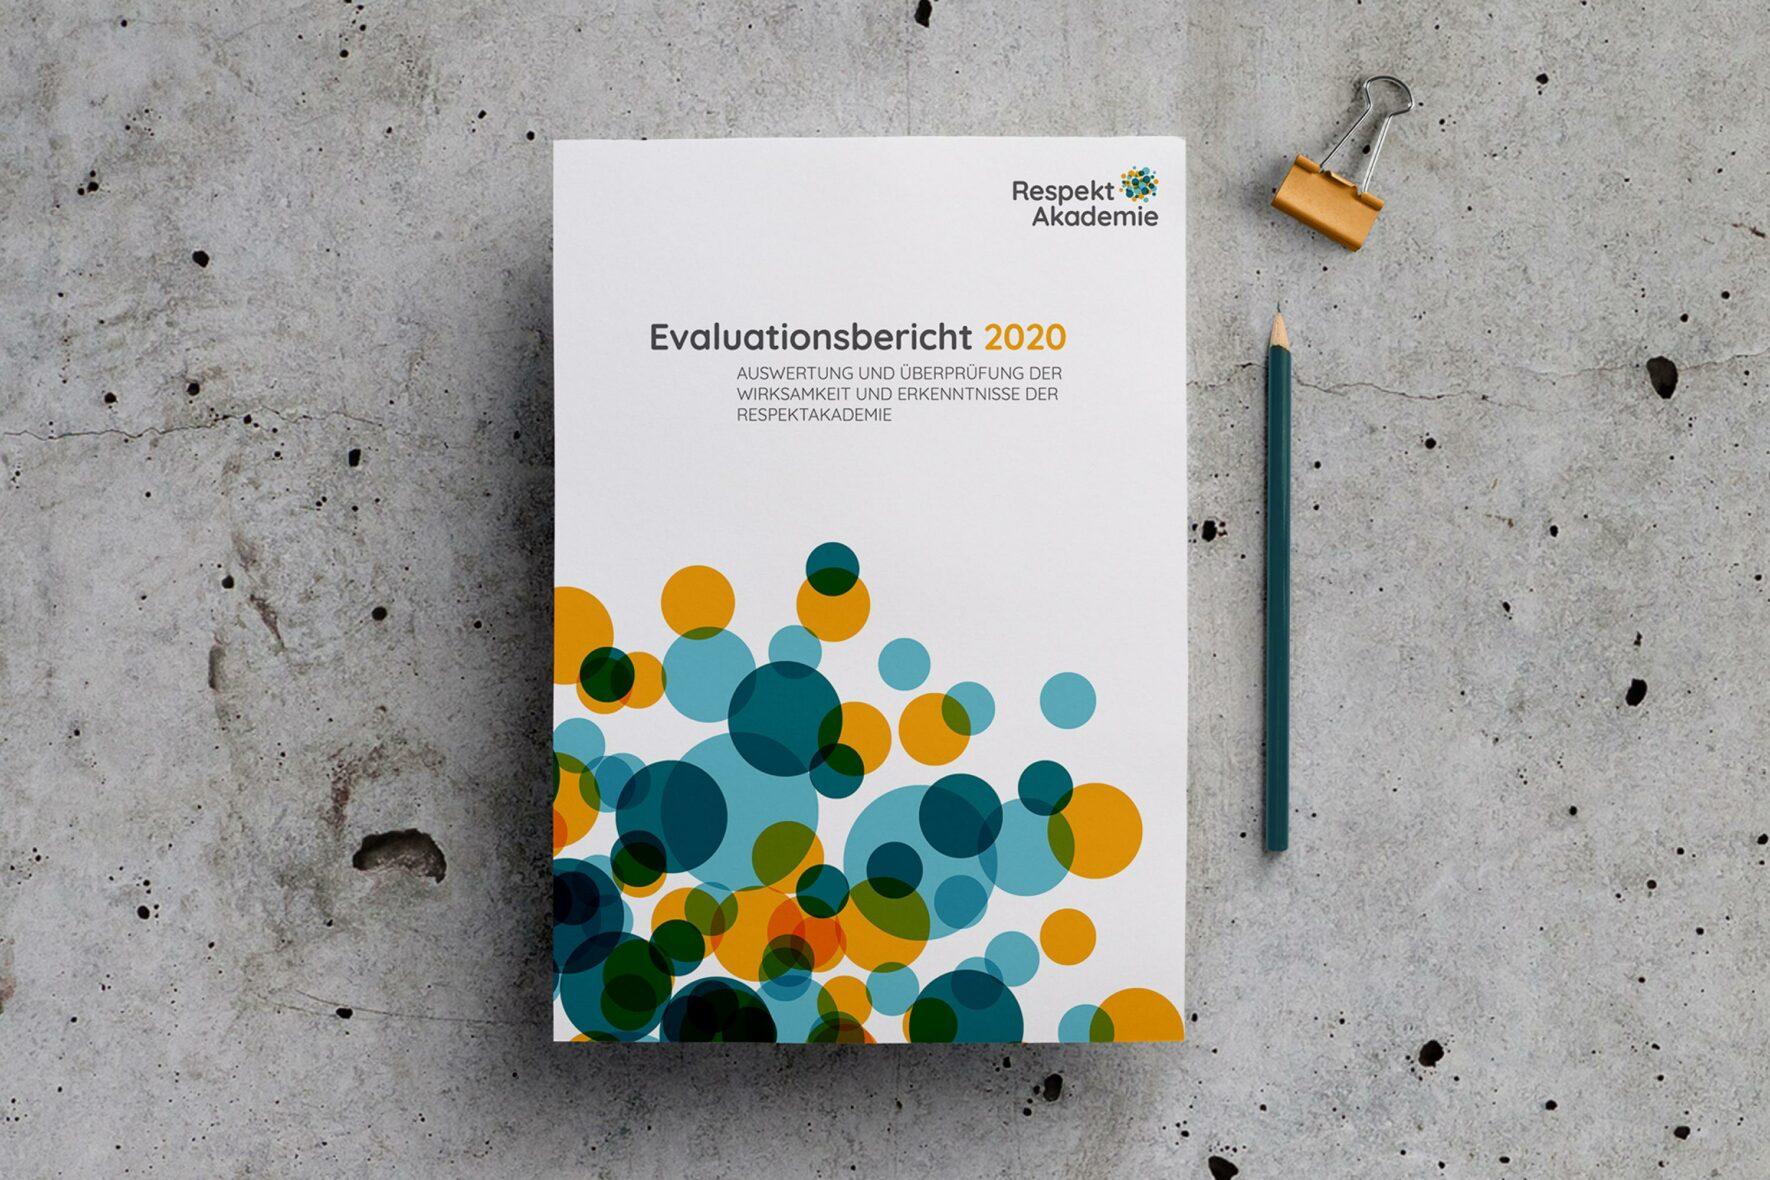 RespektAkademie-Corporate-Design-Vorlage-Bericht-Broschuere-Print-FORMLOS-Berlin-1